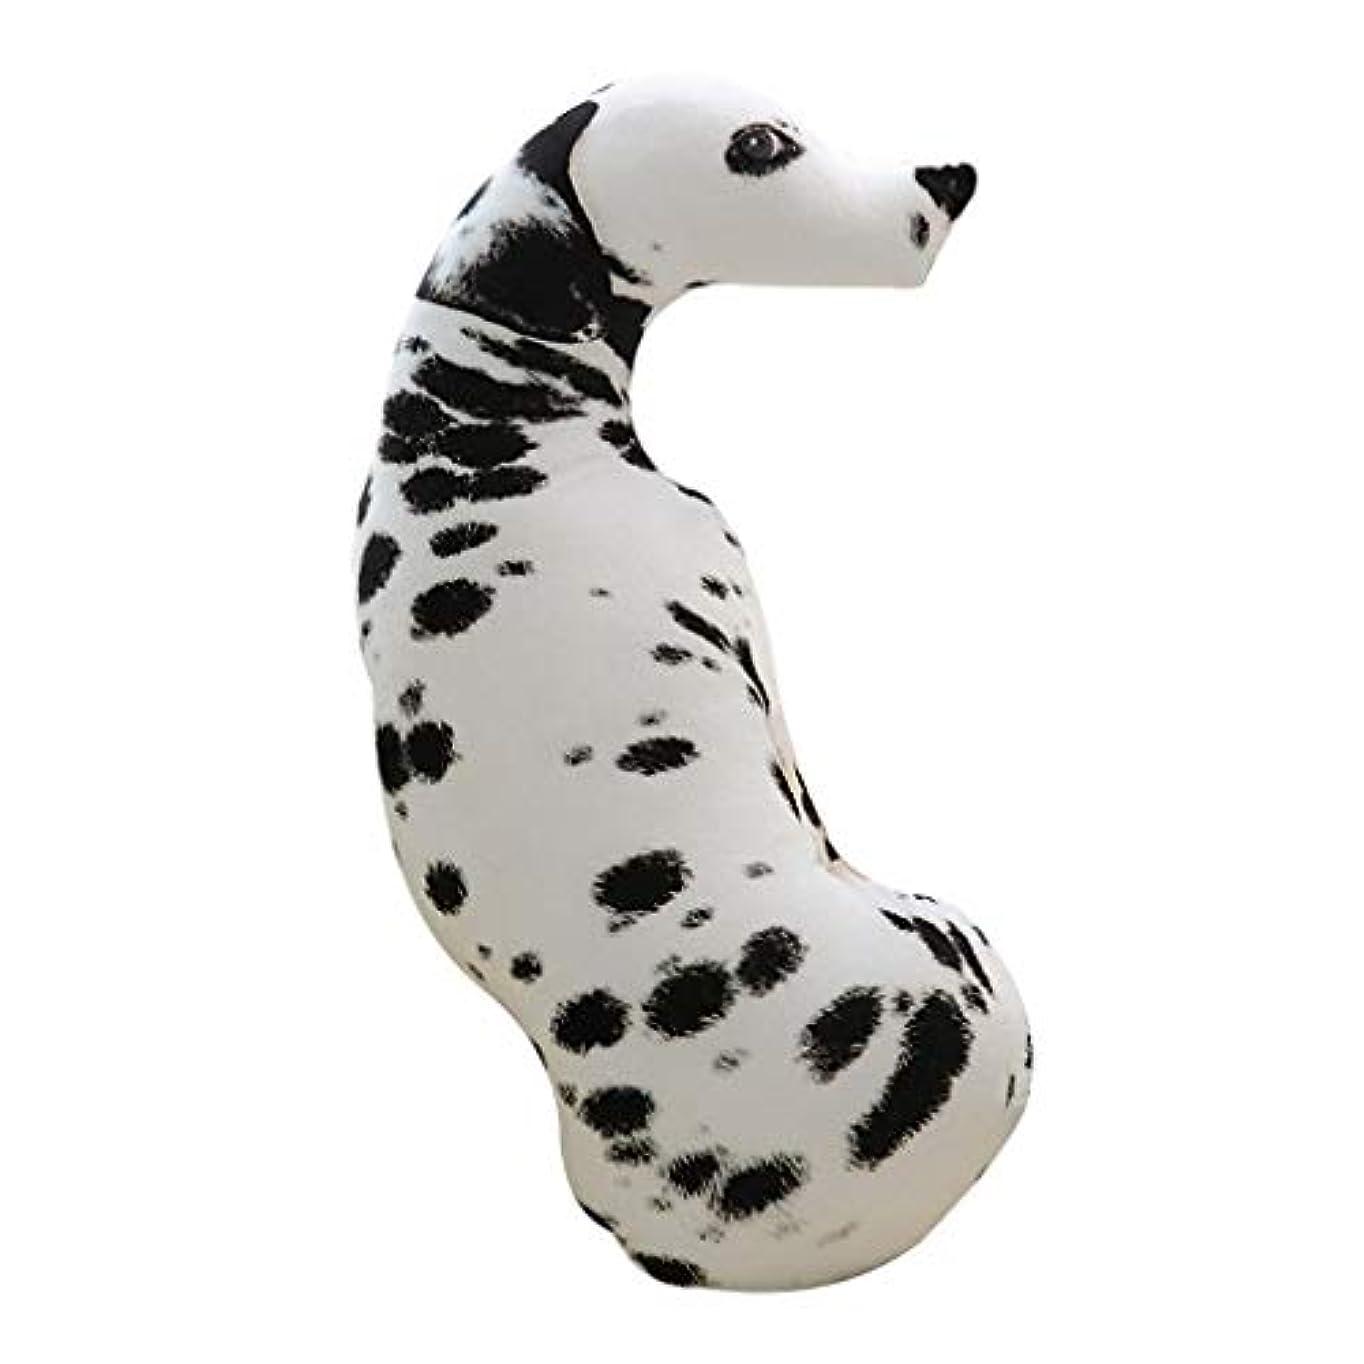 巧みな印象的な瞑想するLIFE 装飾クッションソファおかしい 3D 犬印刷スロー枕創造クッションかわいいぬいぐるみギフト家の装飾 coussin decoratif クッション 椅子